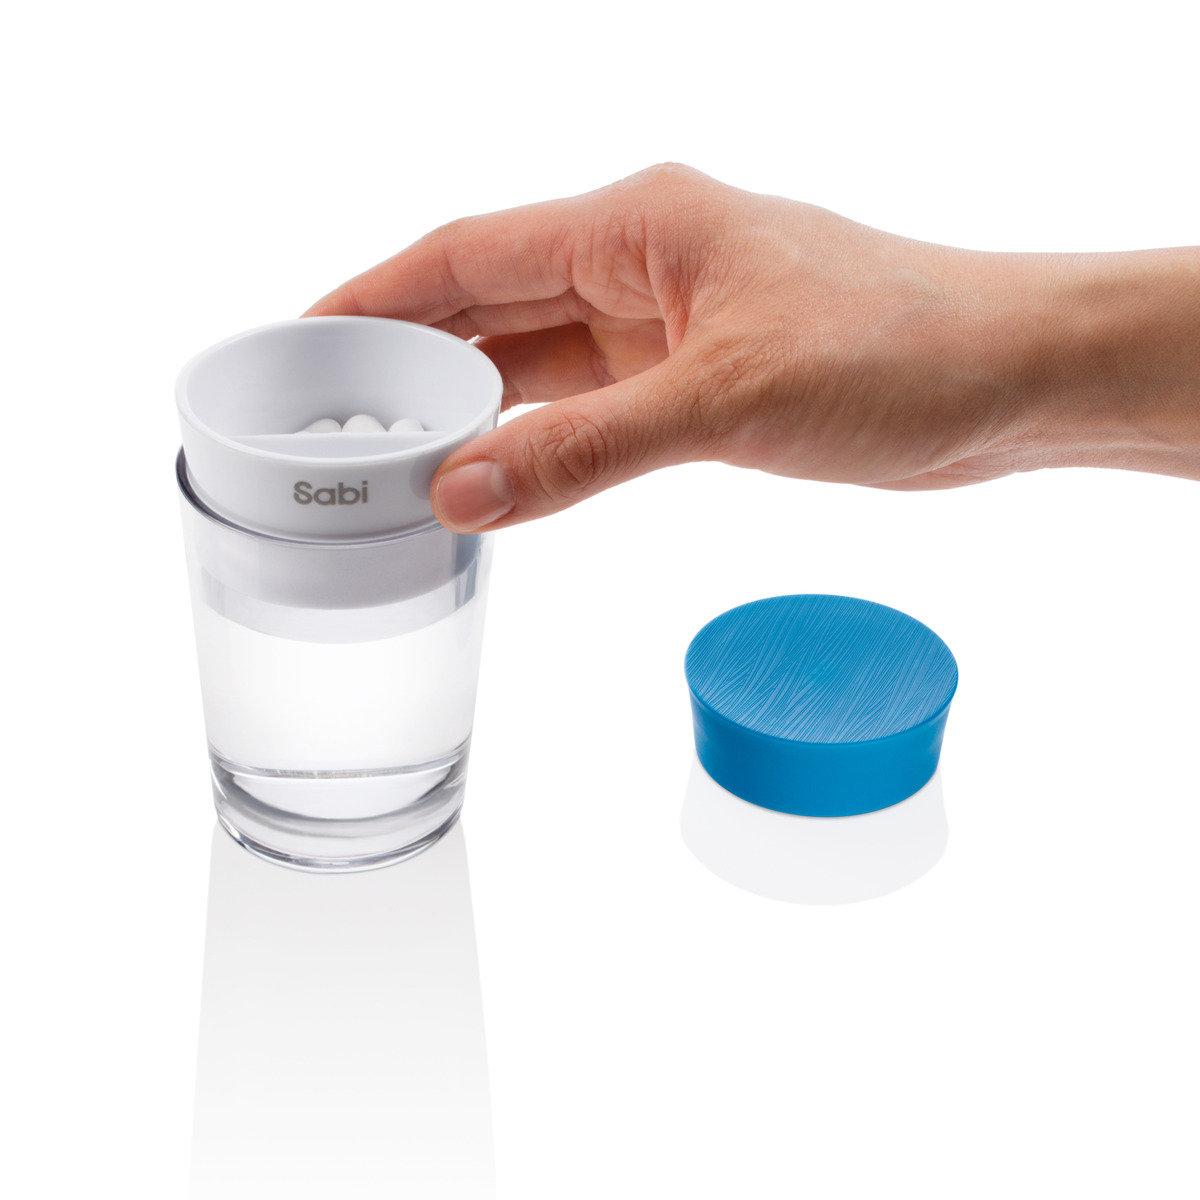 Carafe 藥盒連水杯